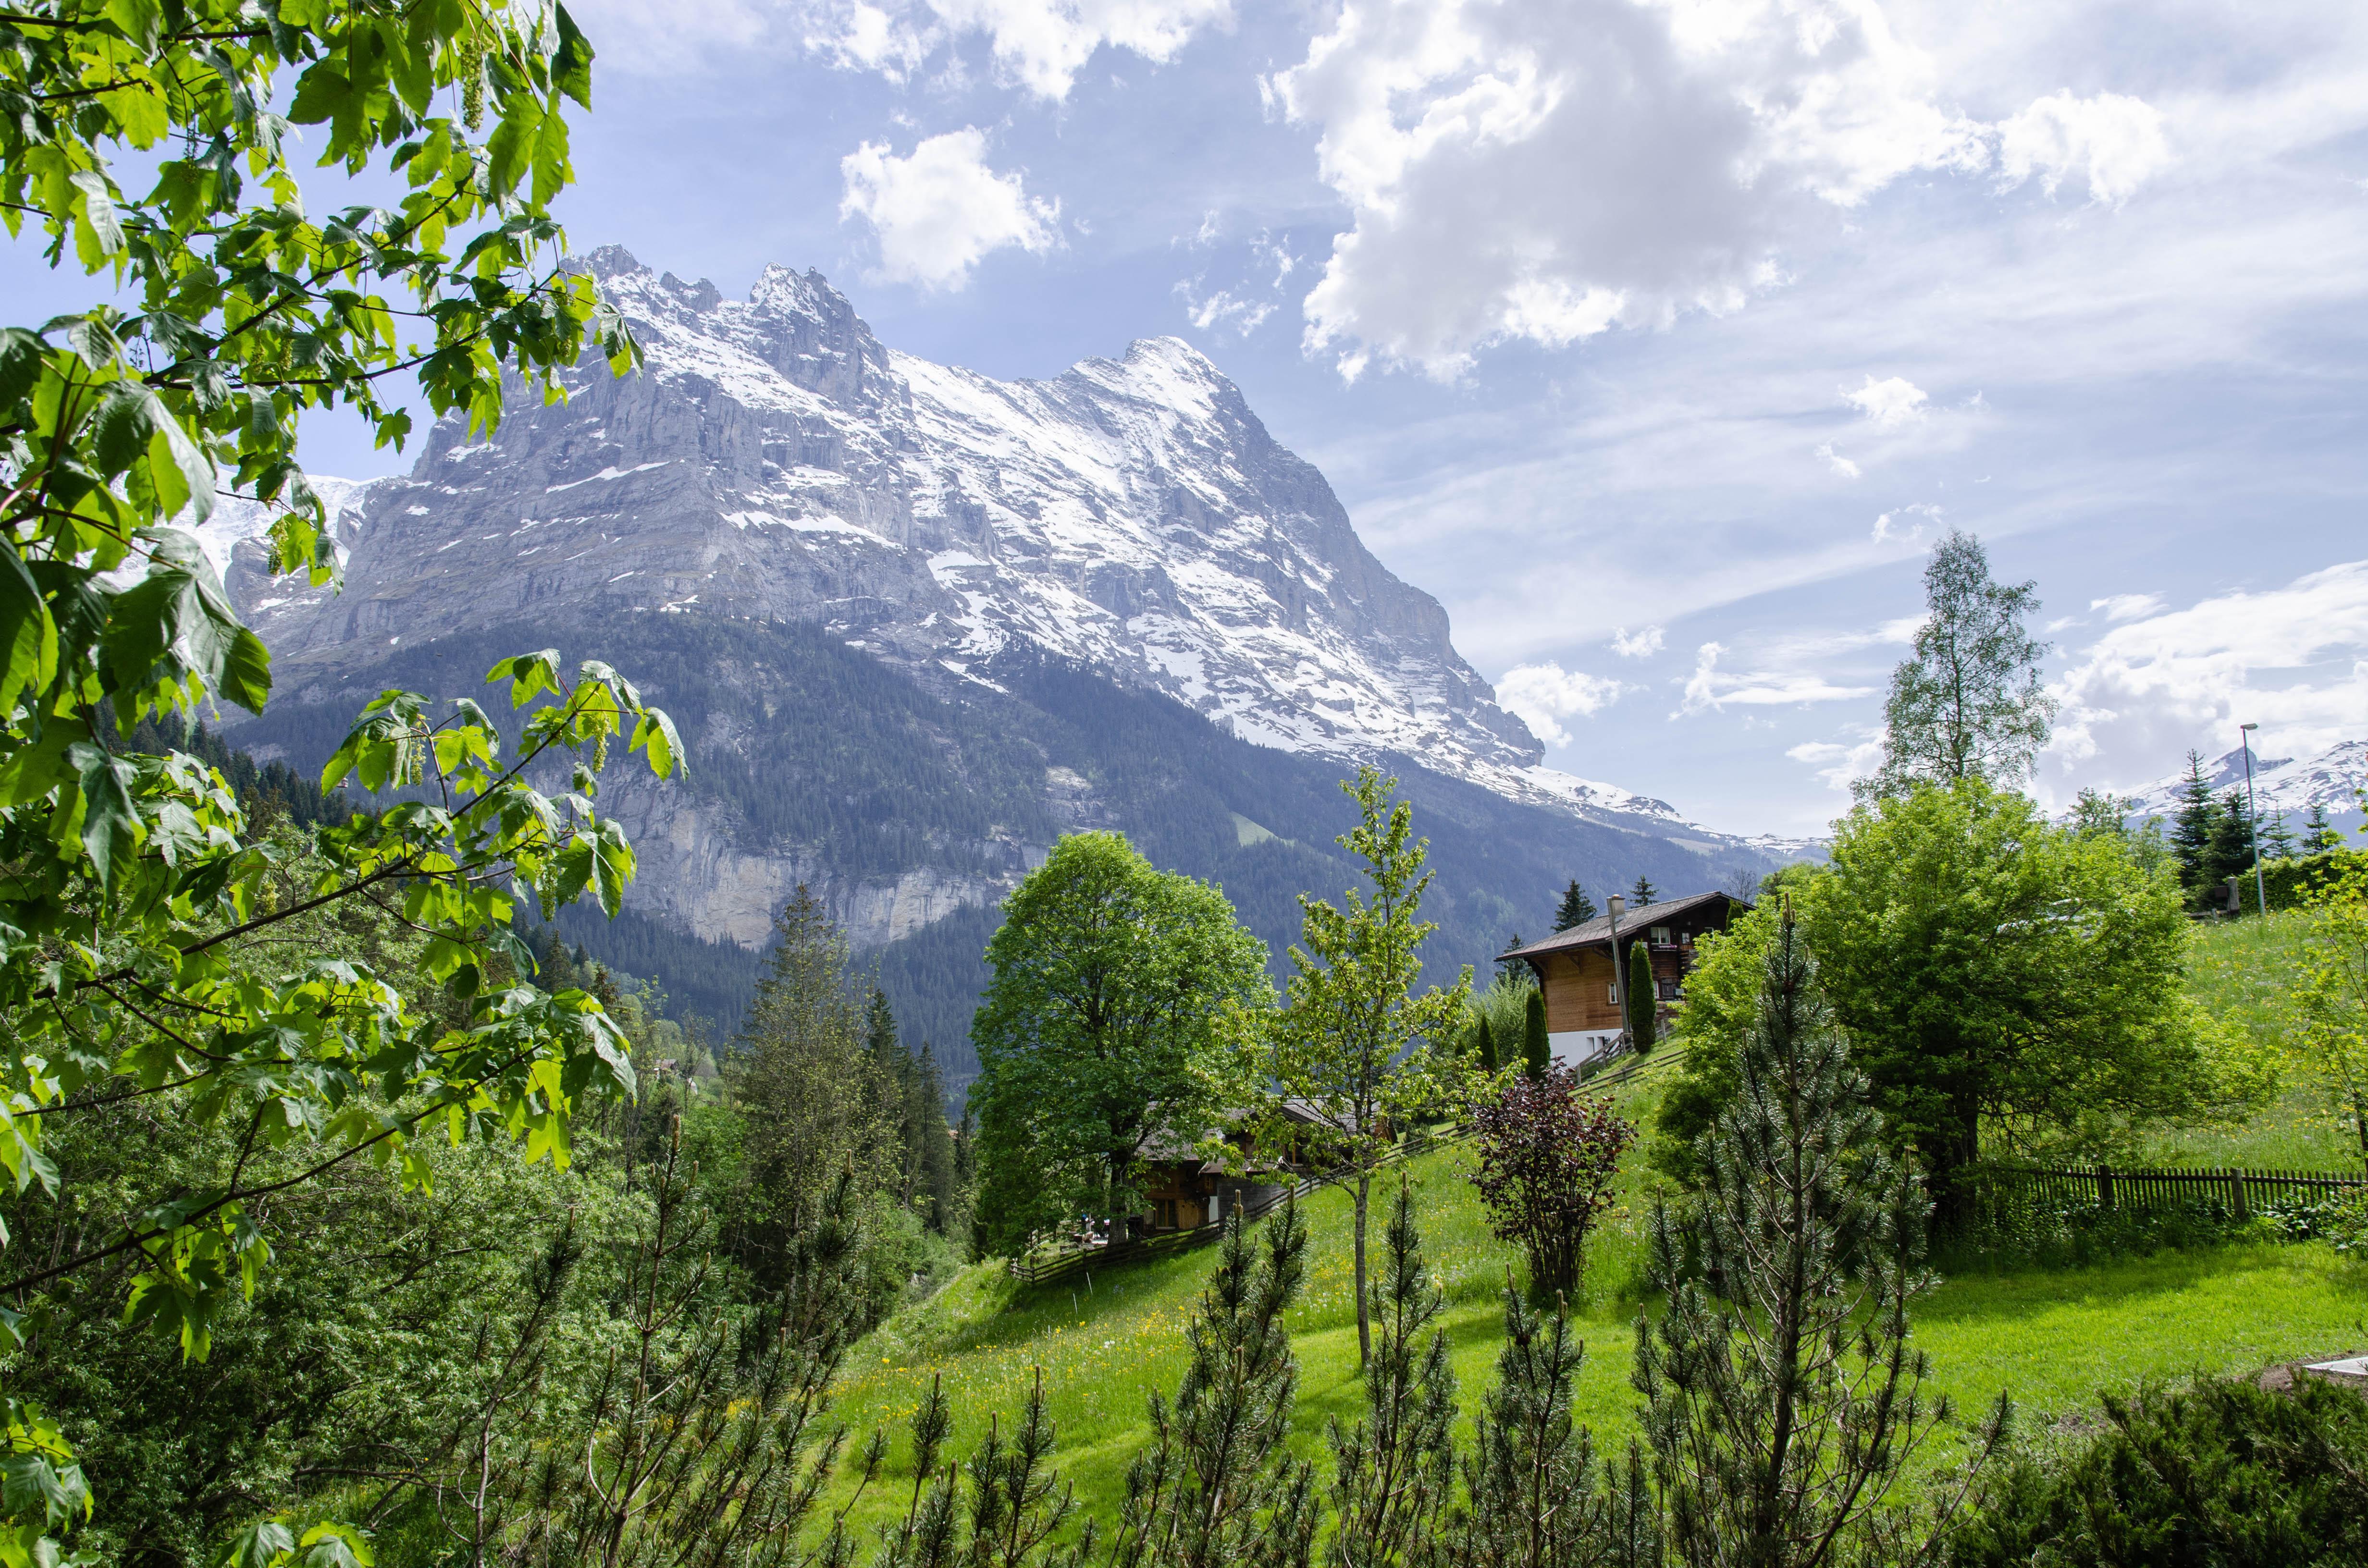 Appartement de vacances Mühlegaden 4 Bett Wohnung Obj. GRIWA4032 (2615675), Grindelwald, Région de la Jungfrau, Oberland bernois, Suisse, image 9